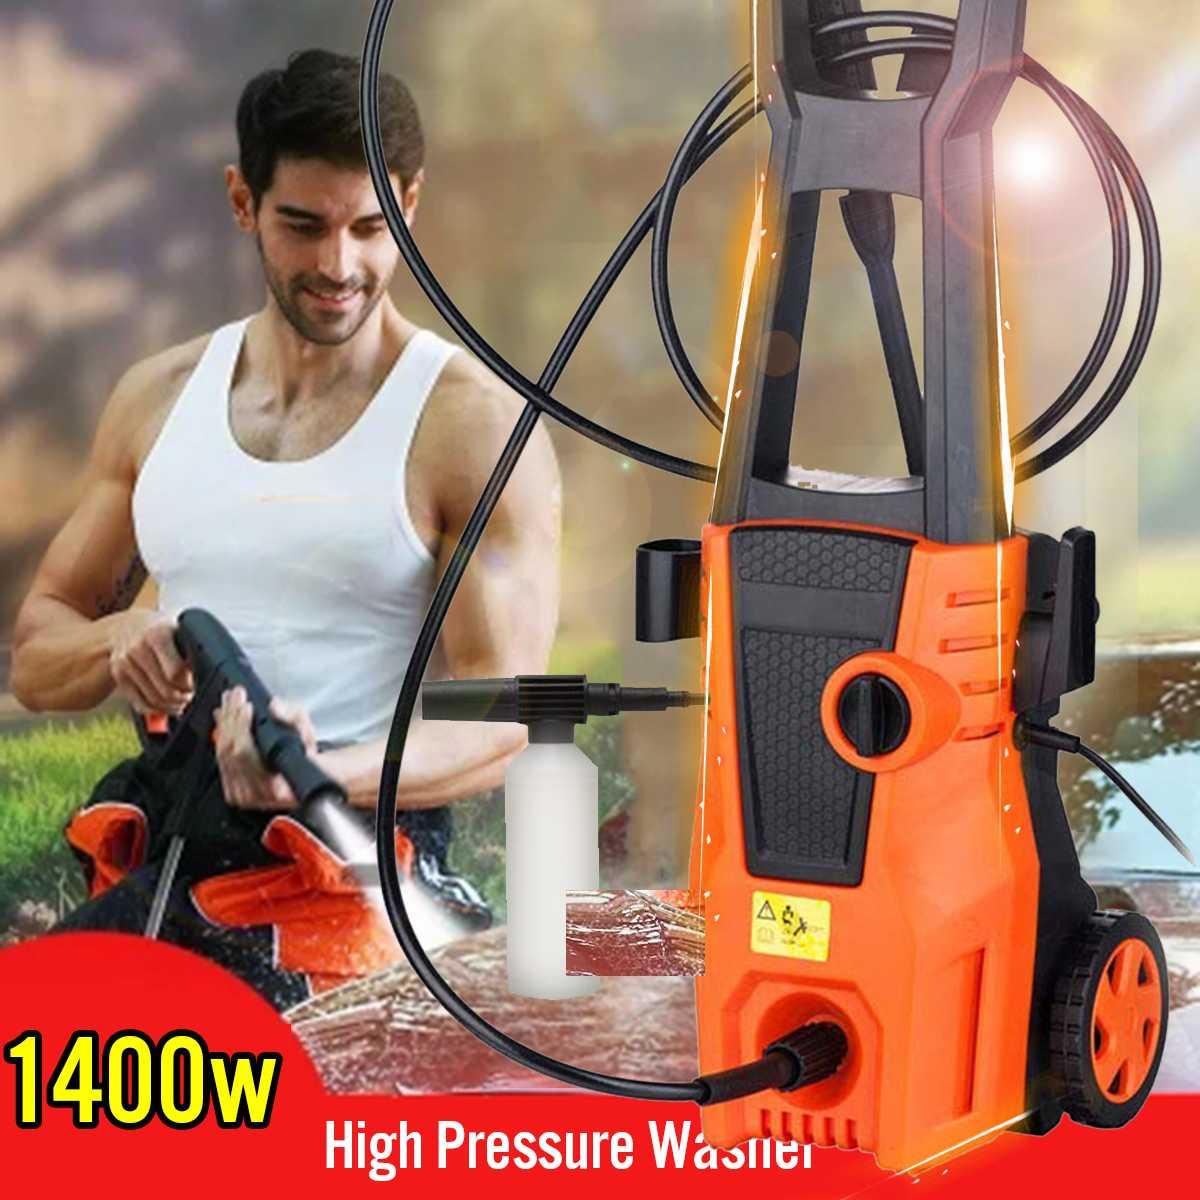 Nettoyeur haute pression lave-Auto Auto soin Spray Turbo tuyau d'eau pistolet de pulvérisation détergent bouteille voiture Auto-lavage Machine 1400 w nouveau